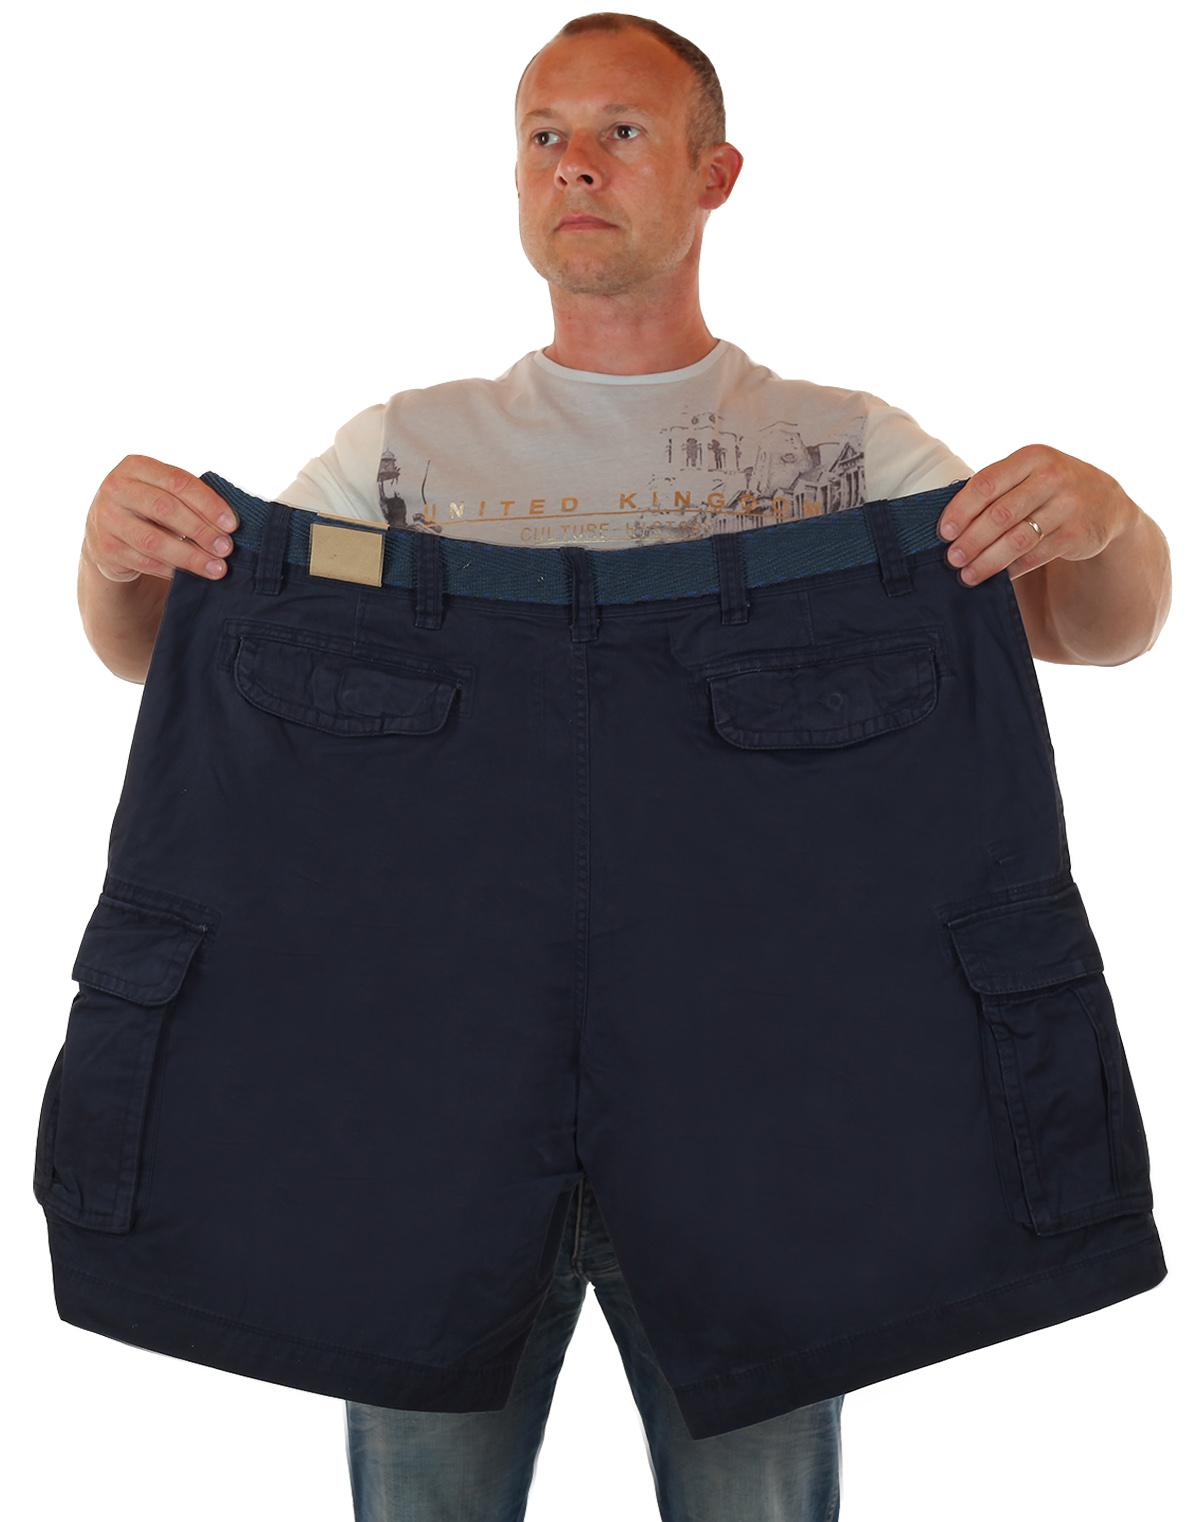 Заказать шорты темно-синего цвета мужские по выгодной цене